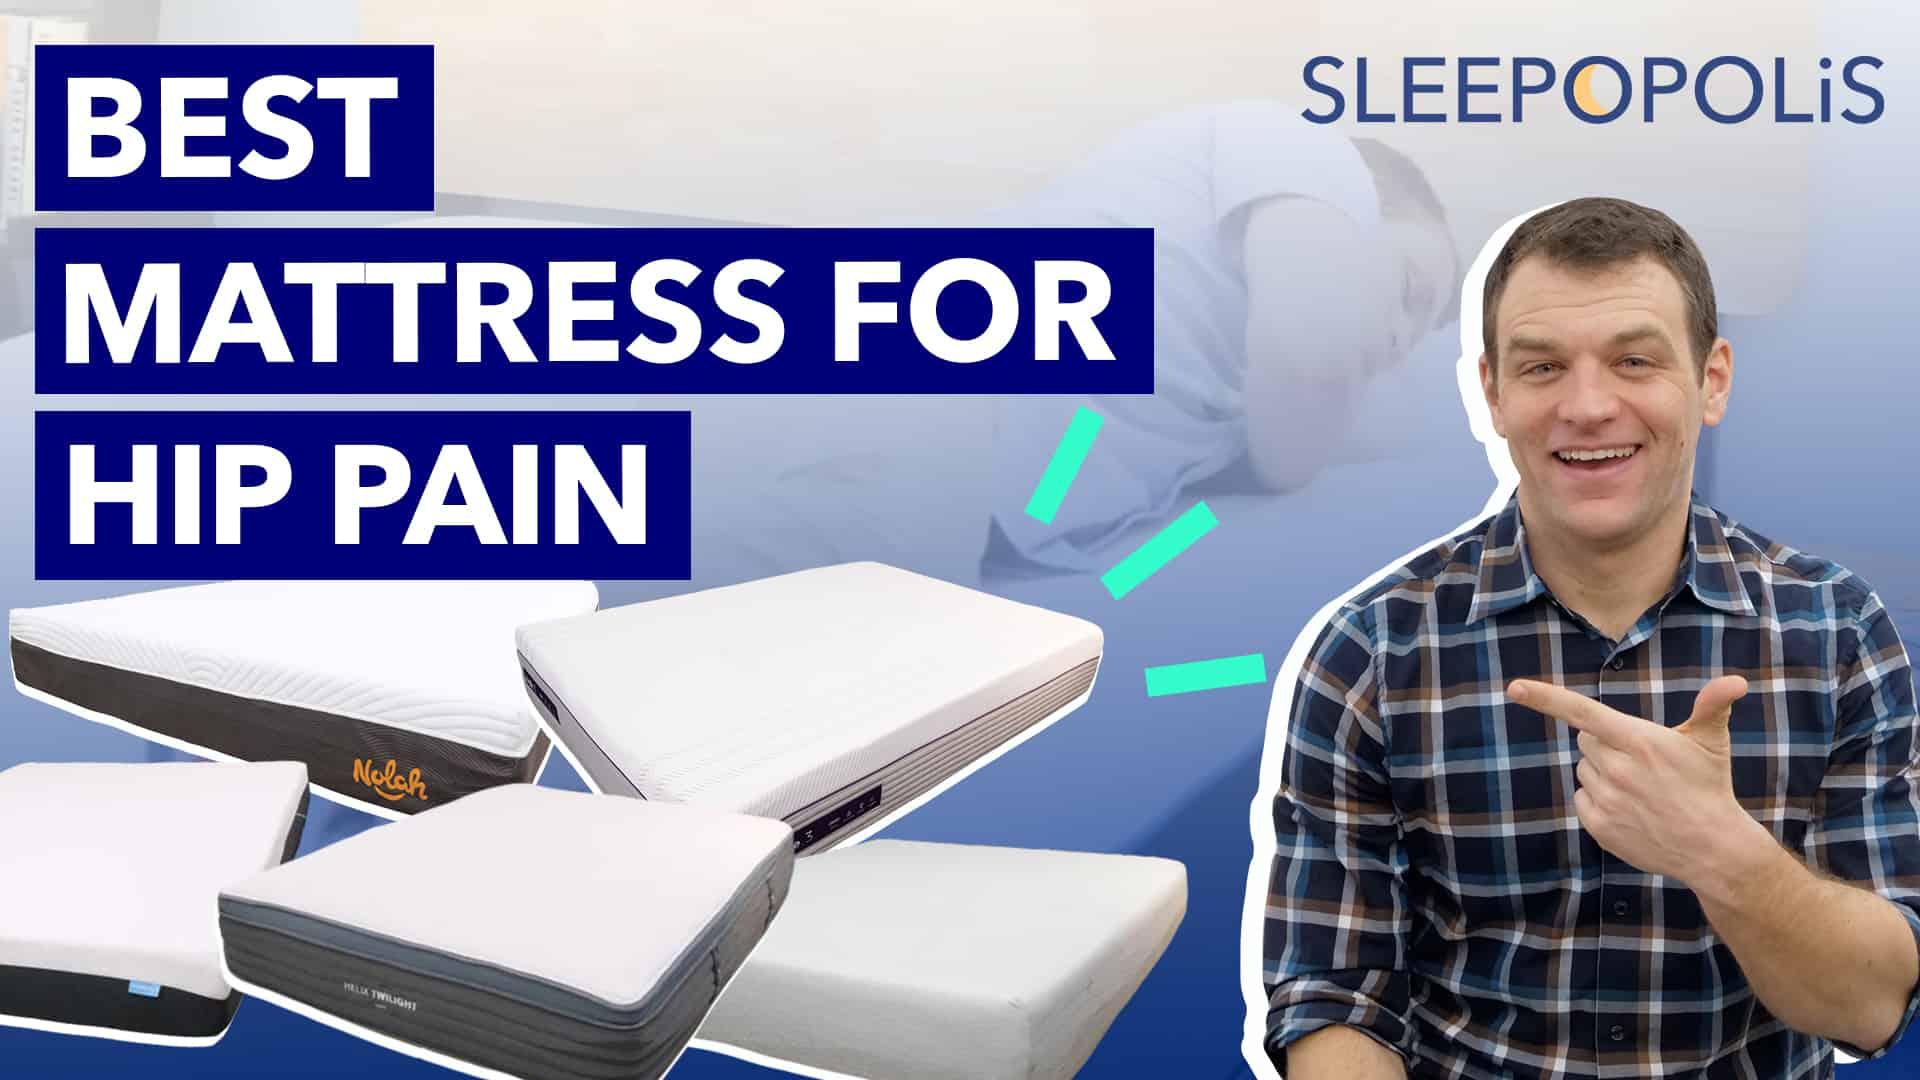 Best Mattress For Hip Pain 2020 Sleepopolis